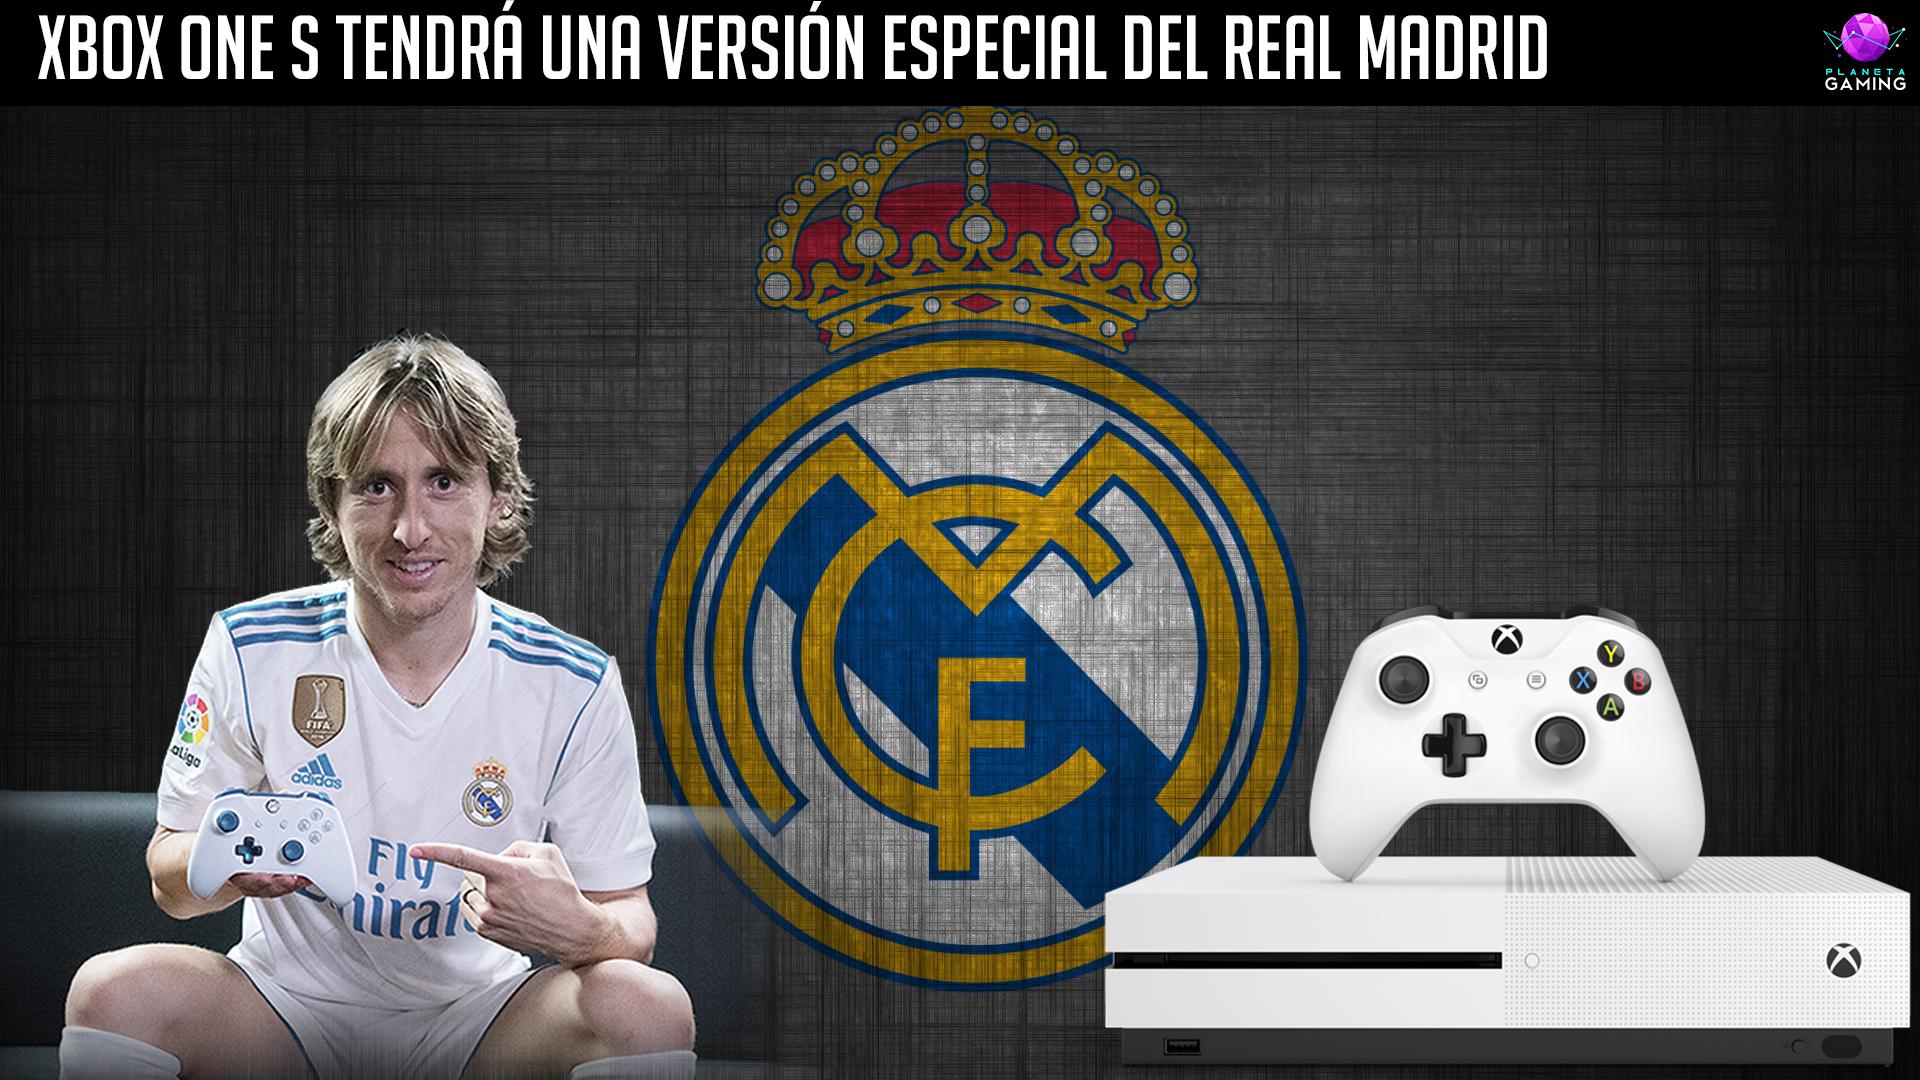 Xbox One S tendrá una versión especial del Real Madrid